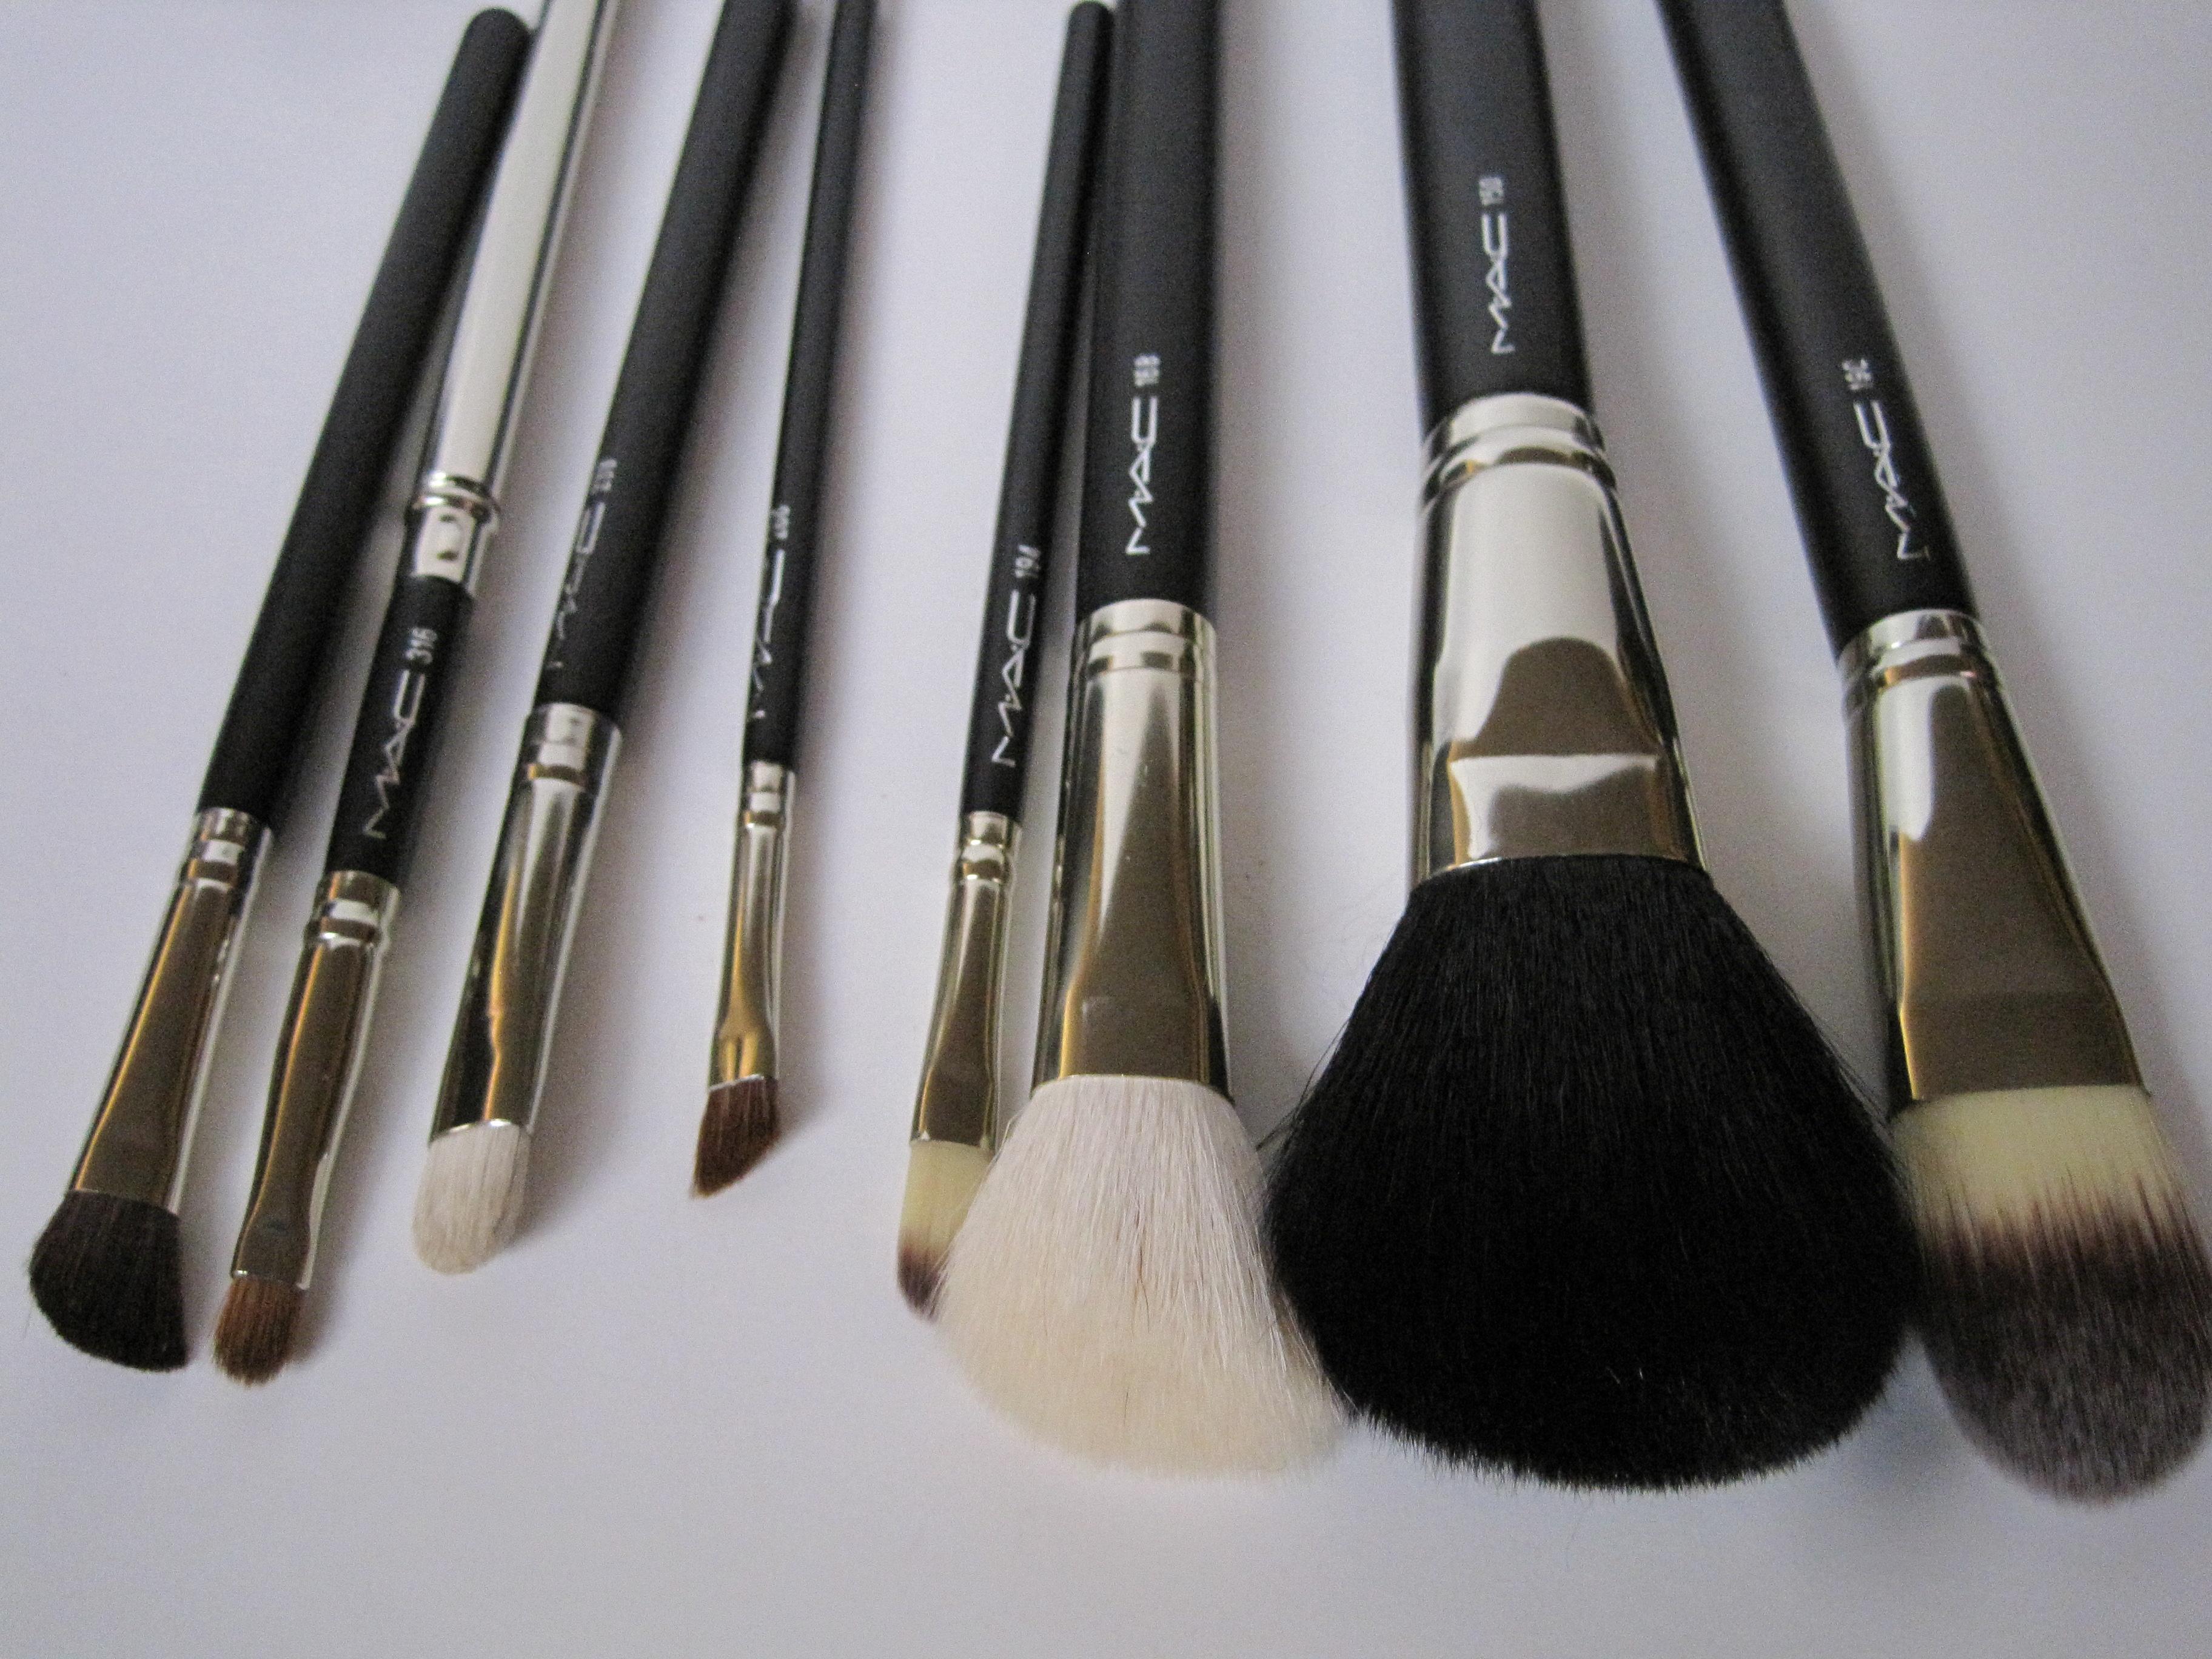 replica mac makeup brush set